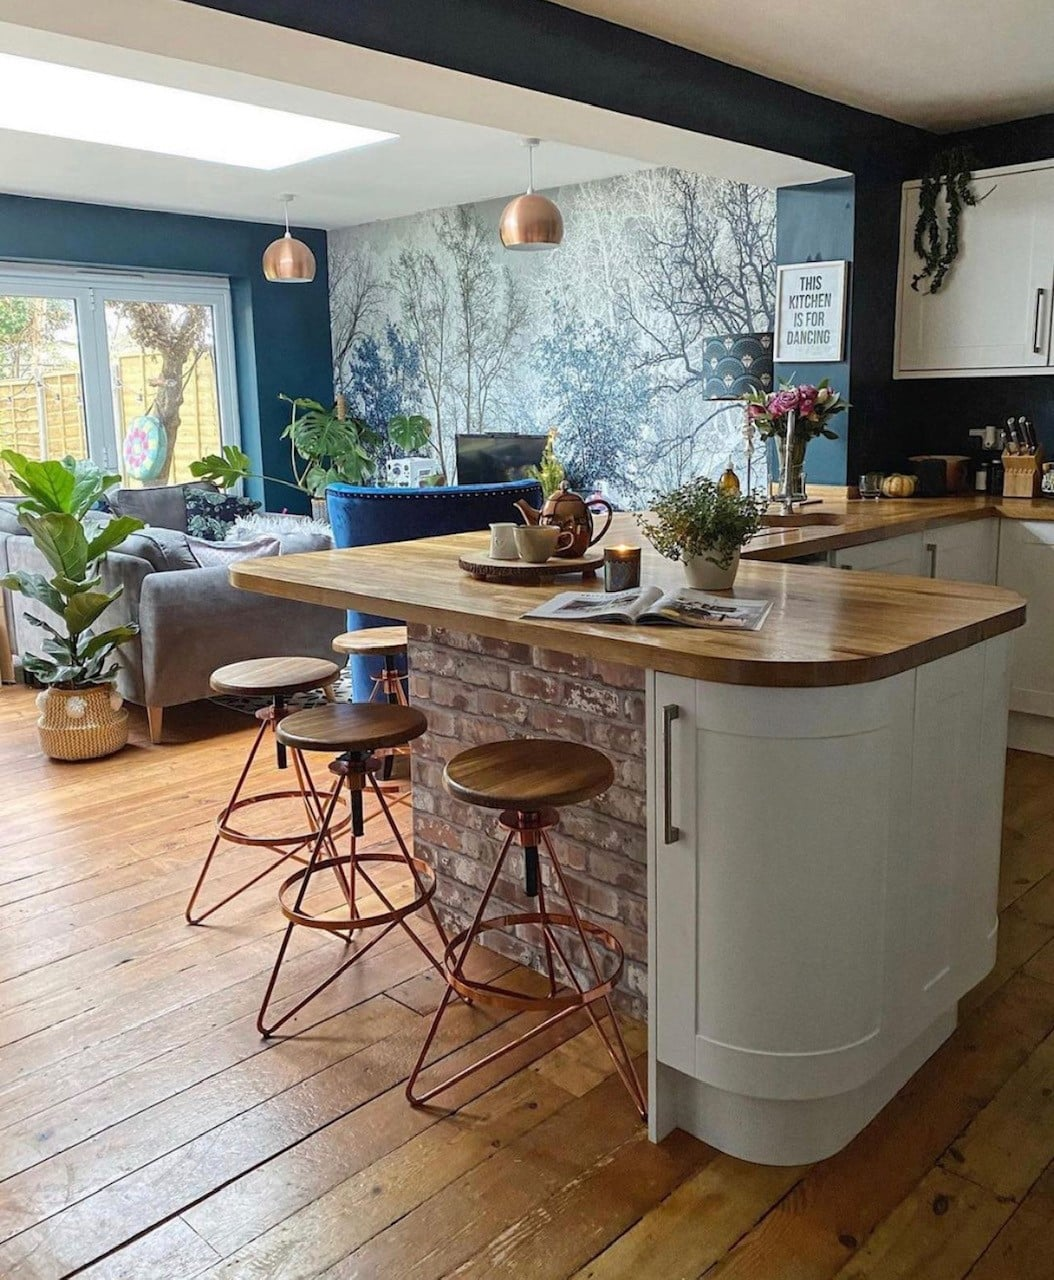 Our Kitchen Design – The Full Kitchen Tour 2021